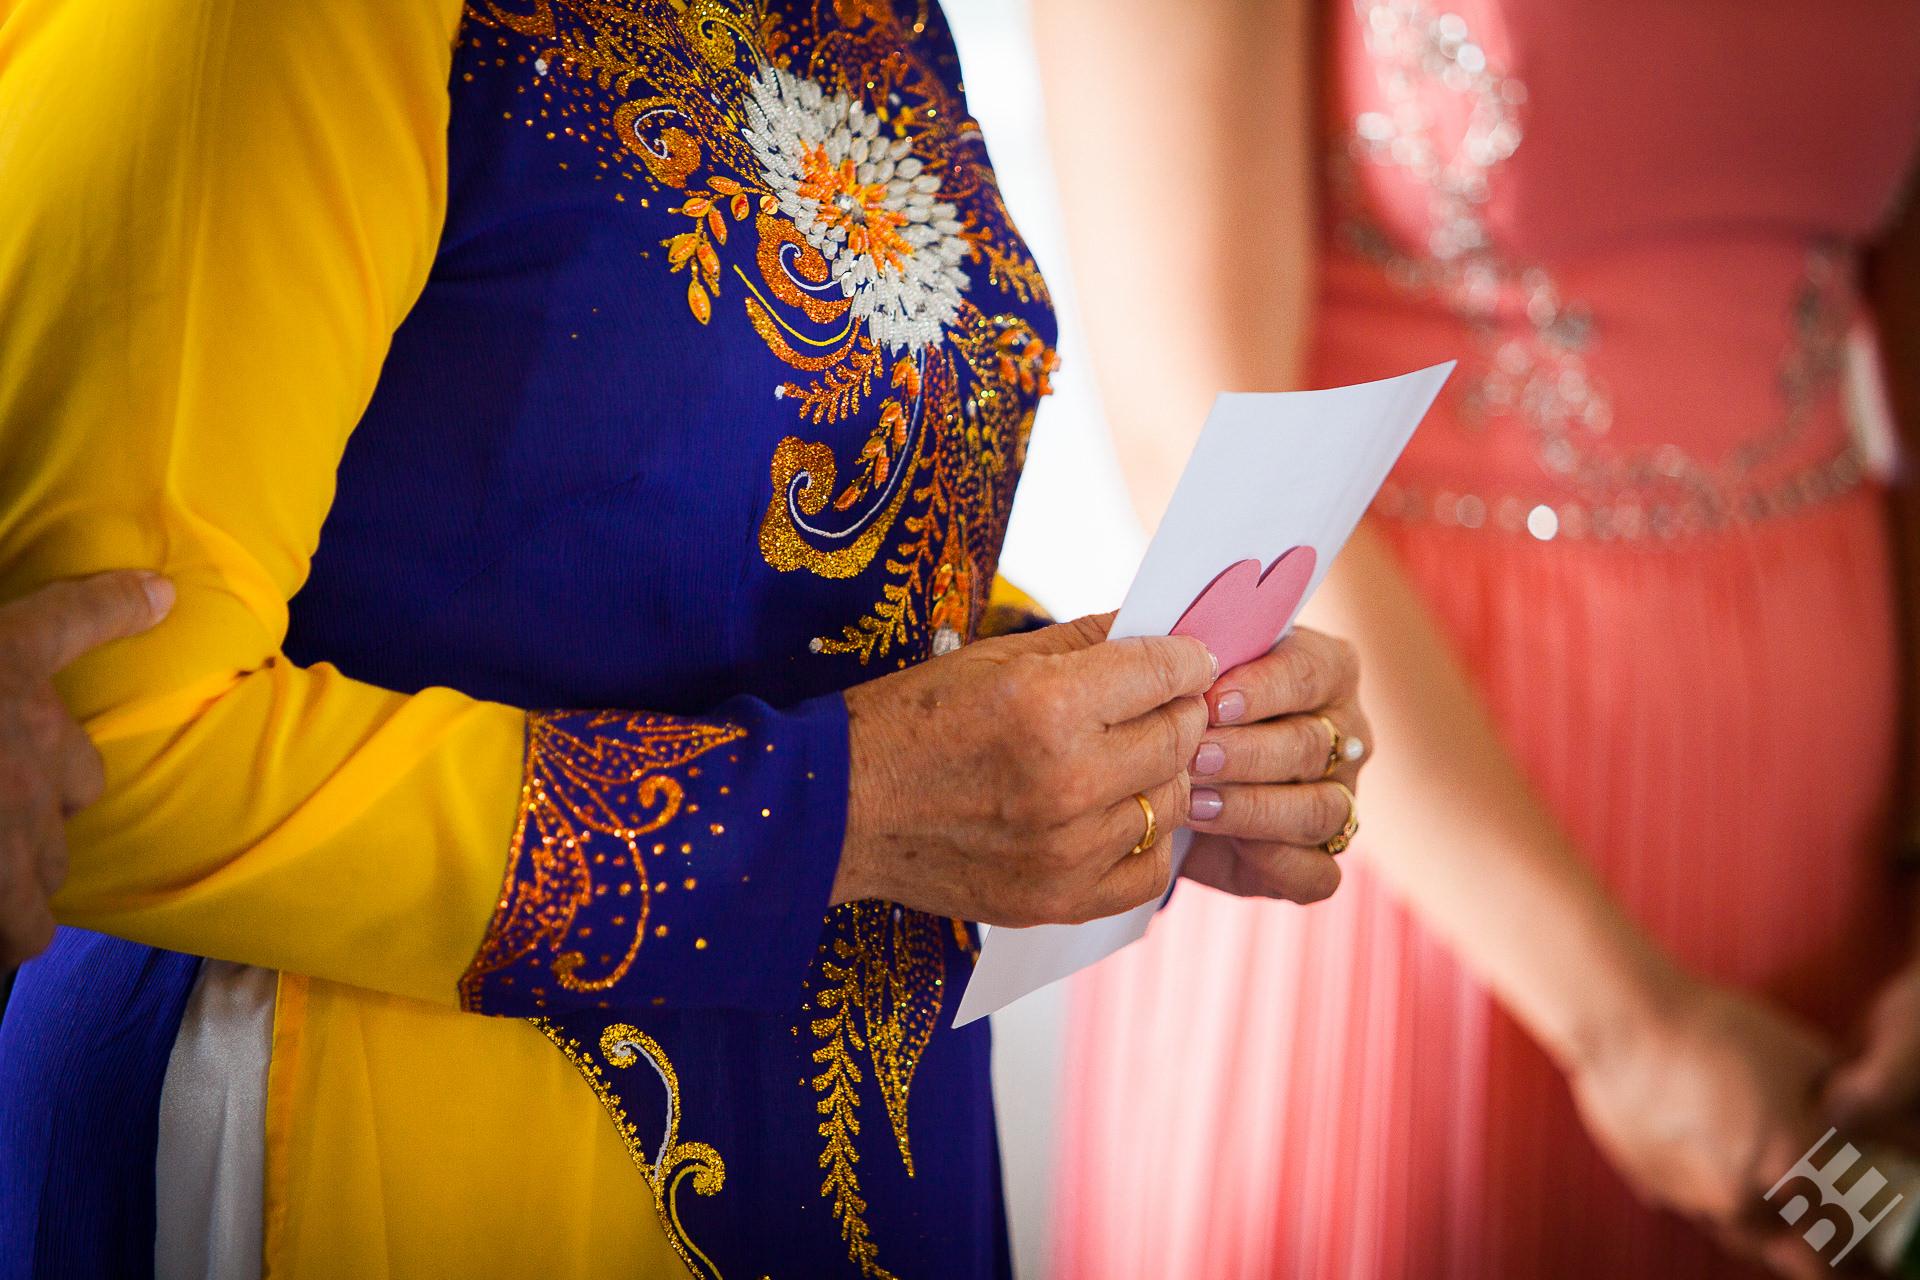 Hochzeit_34_IMG_9336_Volen_Evtimov